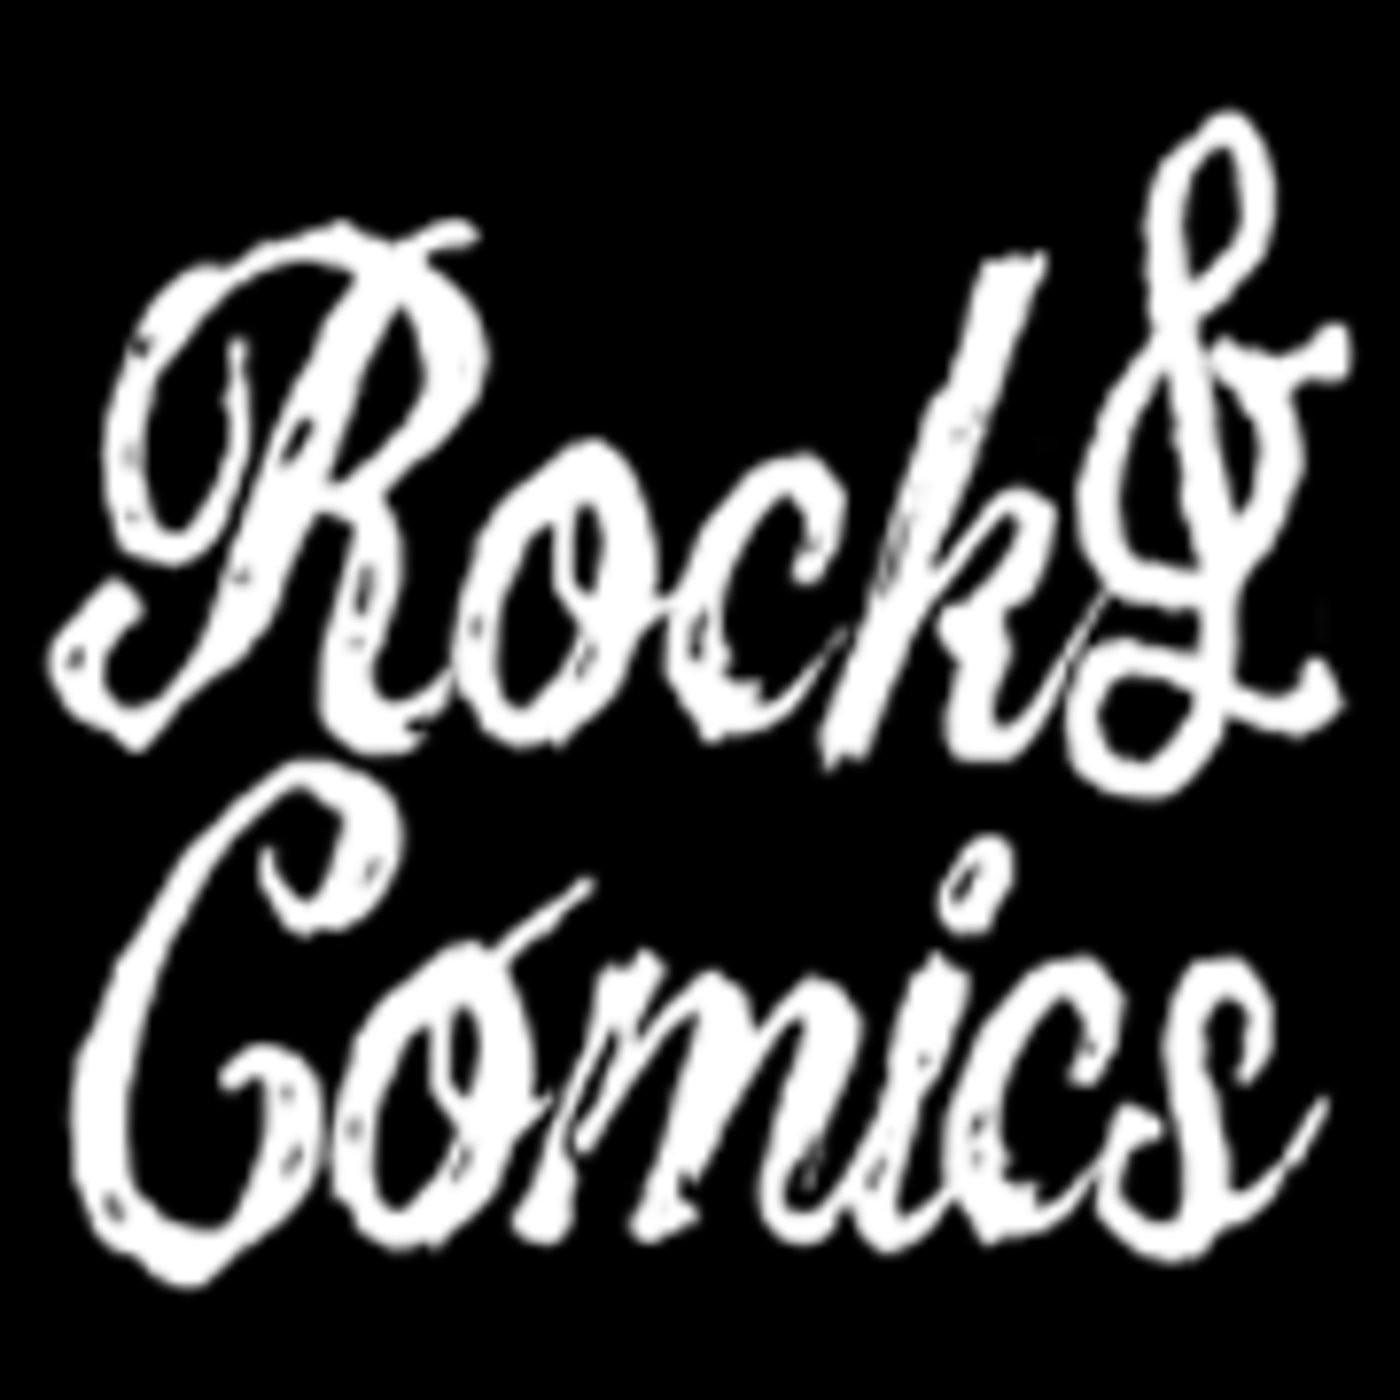 Rock & Cómics 183 - Cuttlas, Battaglia, Tibirís, Doctora Mirage, Wicked and the Divine, Wonder Woman, Ran y el mundo gri